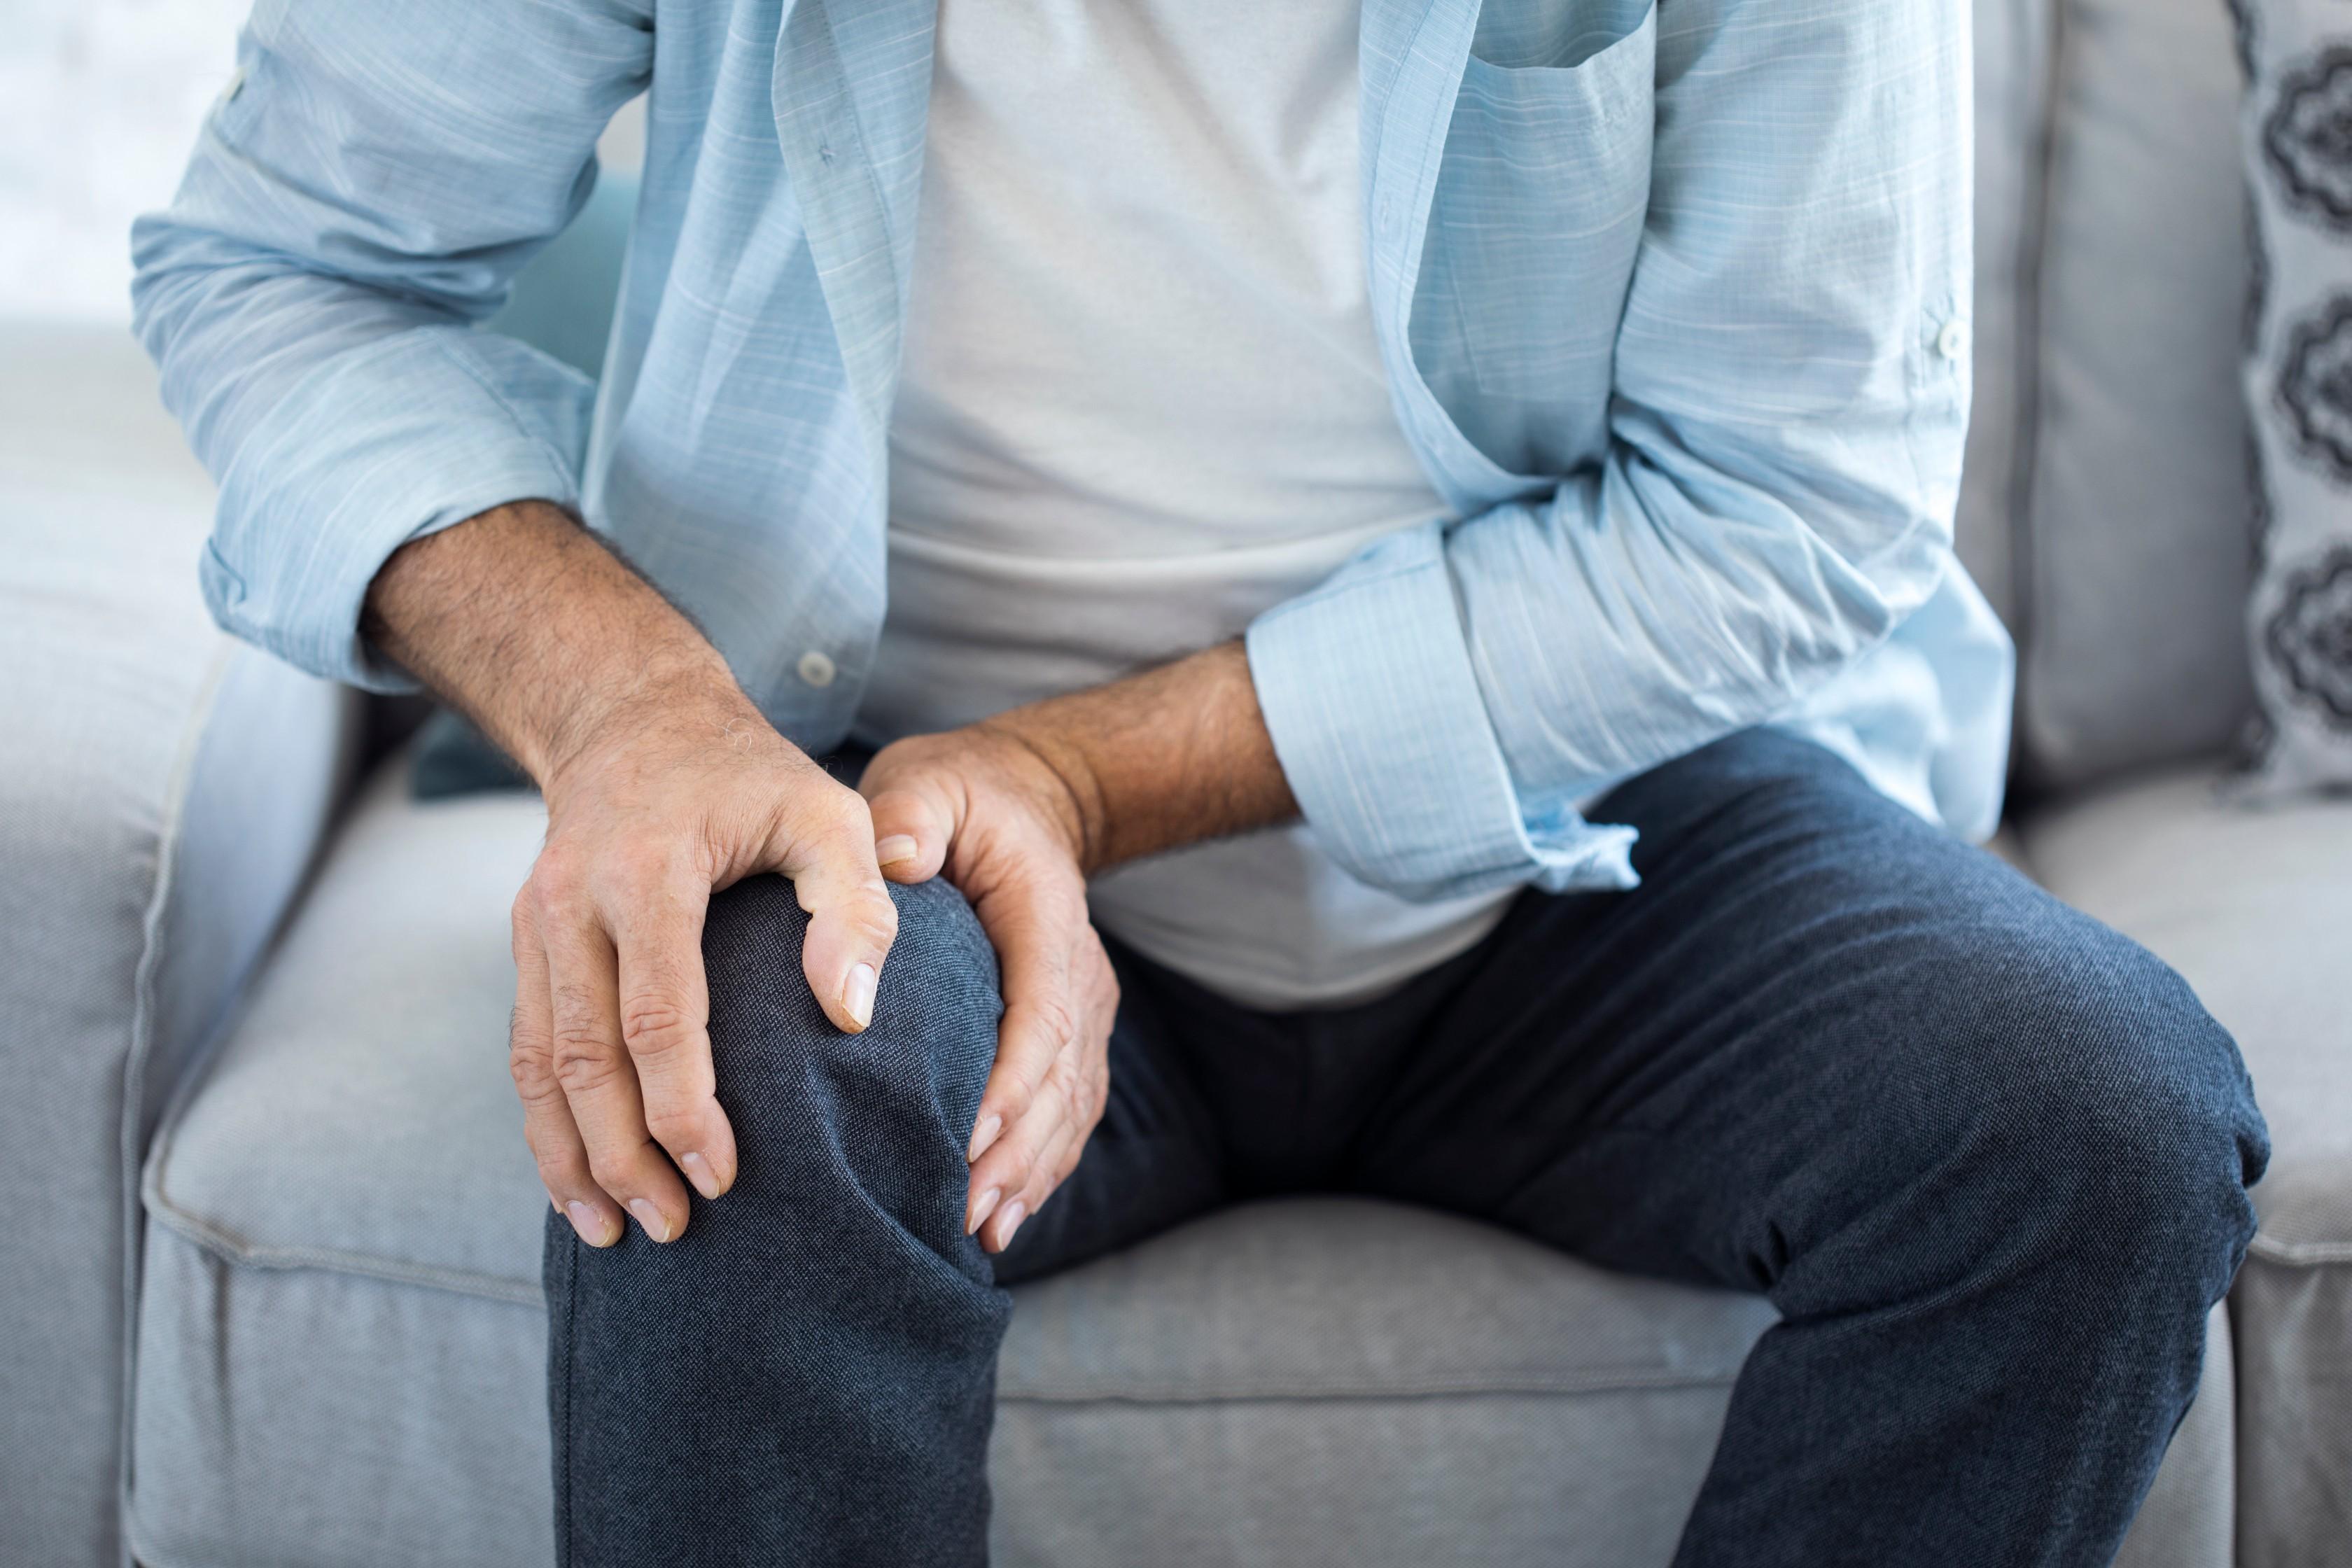 az ízületek mozogva bepattannak és fájnak fájó fájdalom a csípőízületekben